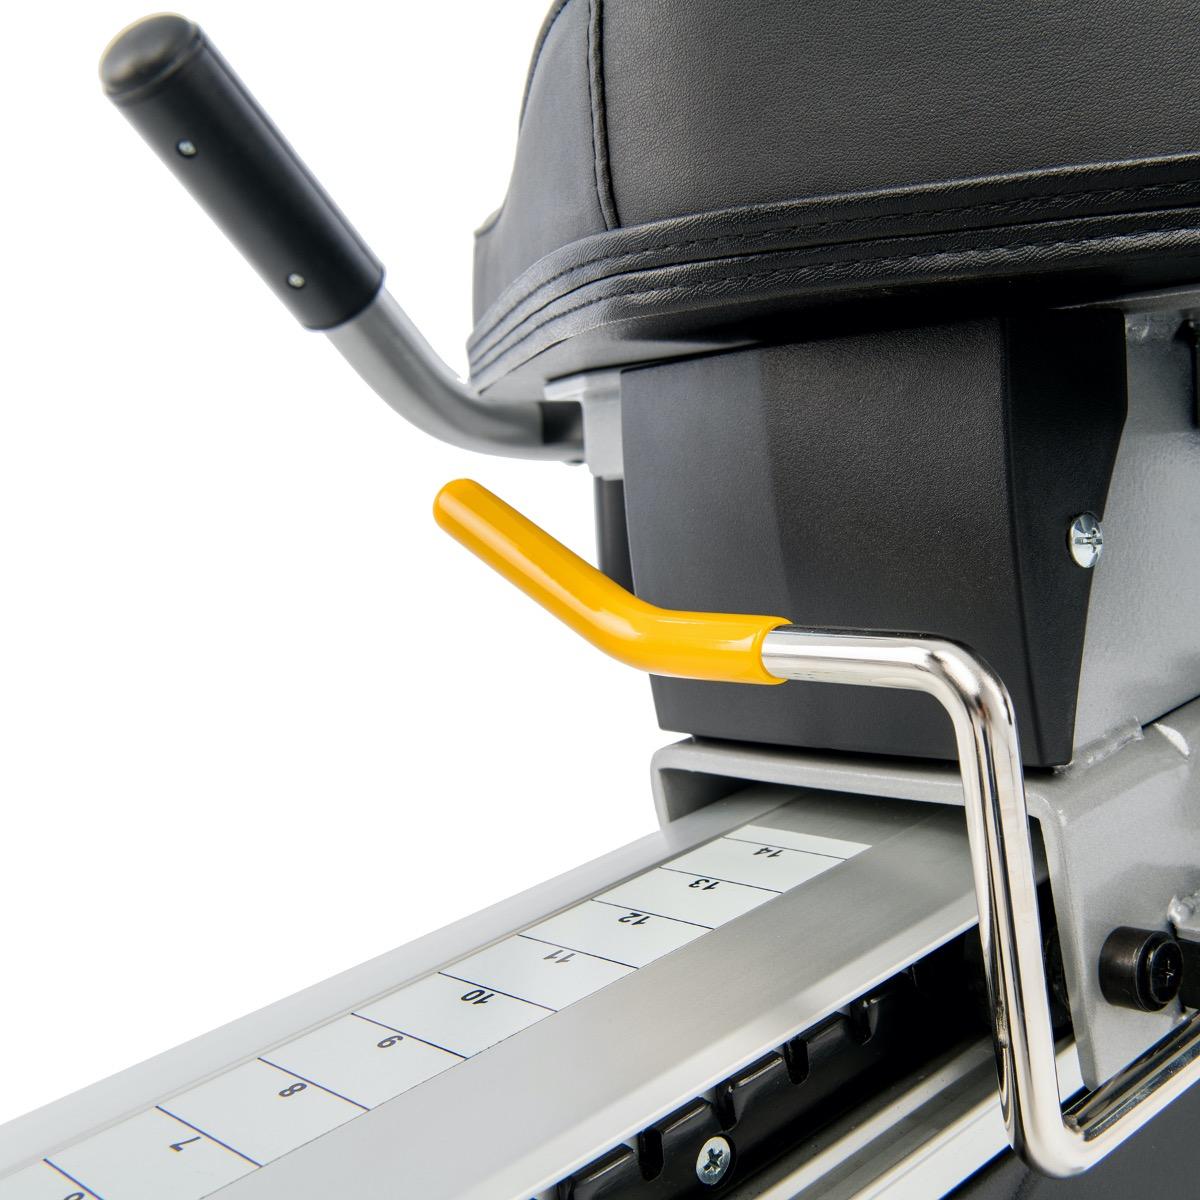 CR800 Adjustability